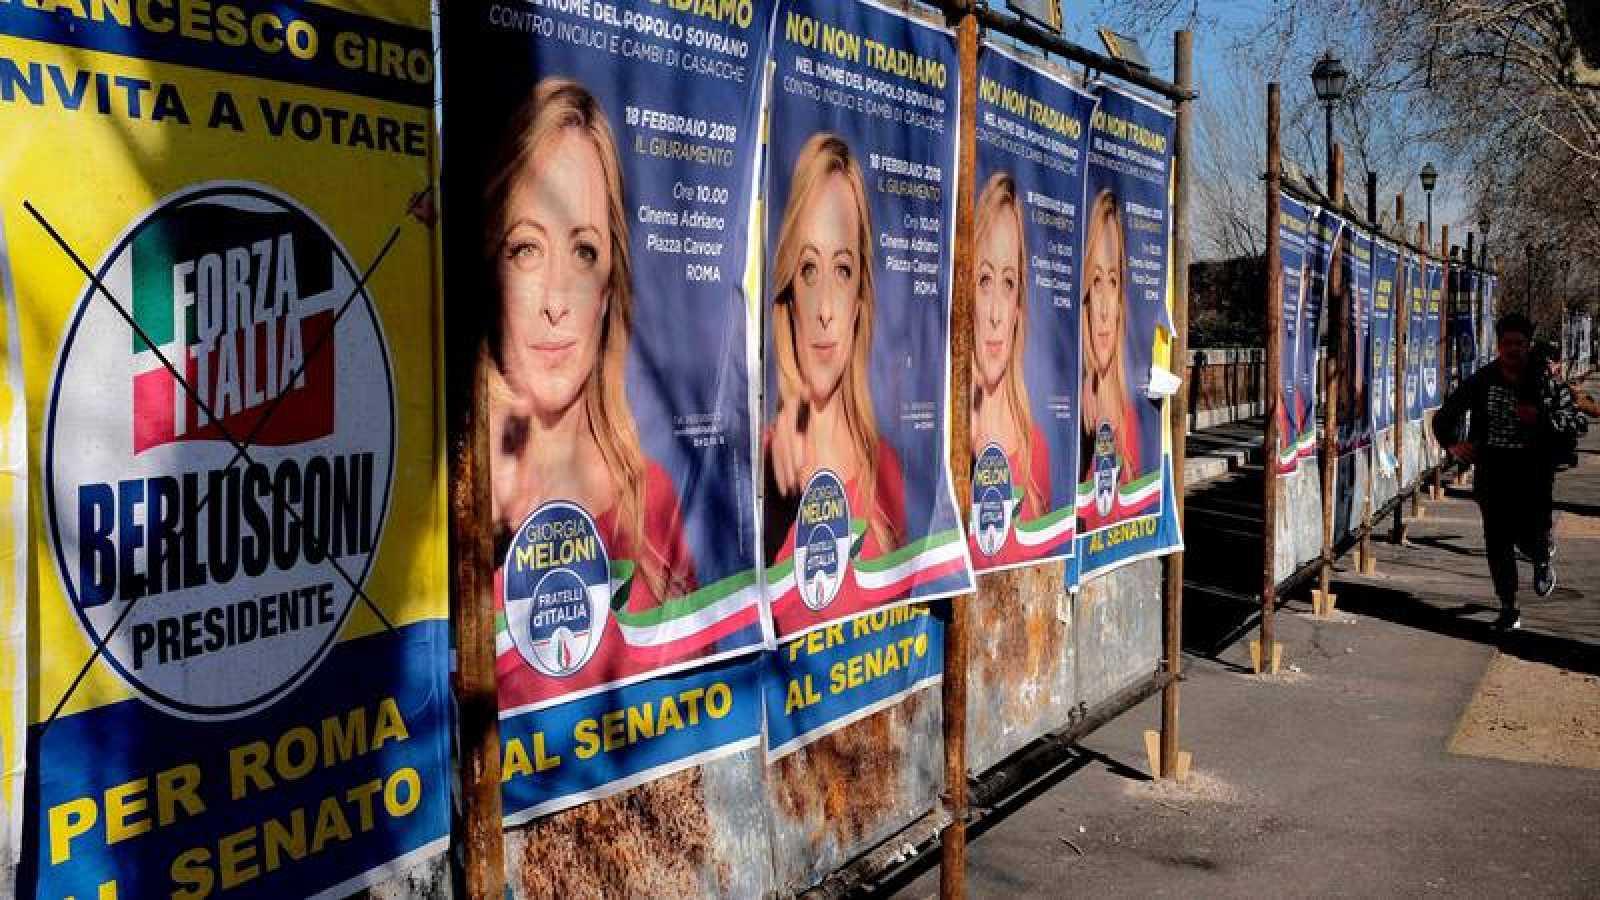 Un hombre pasea por una calle con carteles electorales en Roma